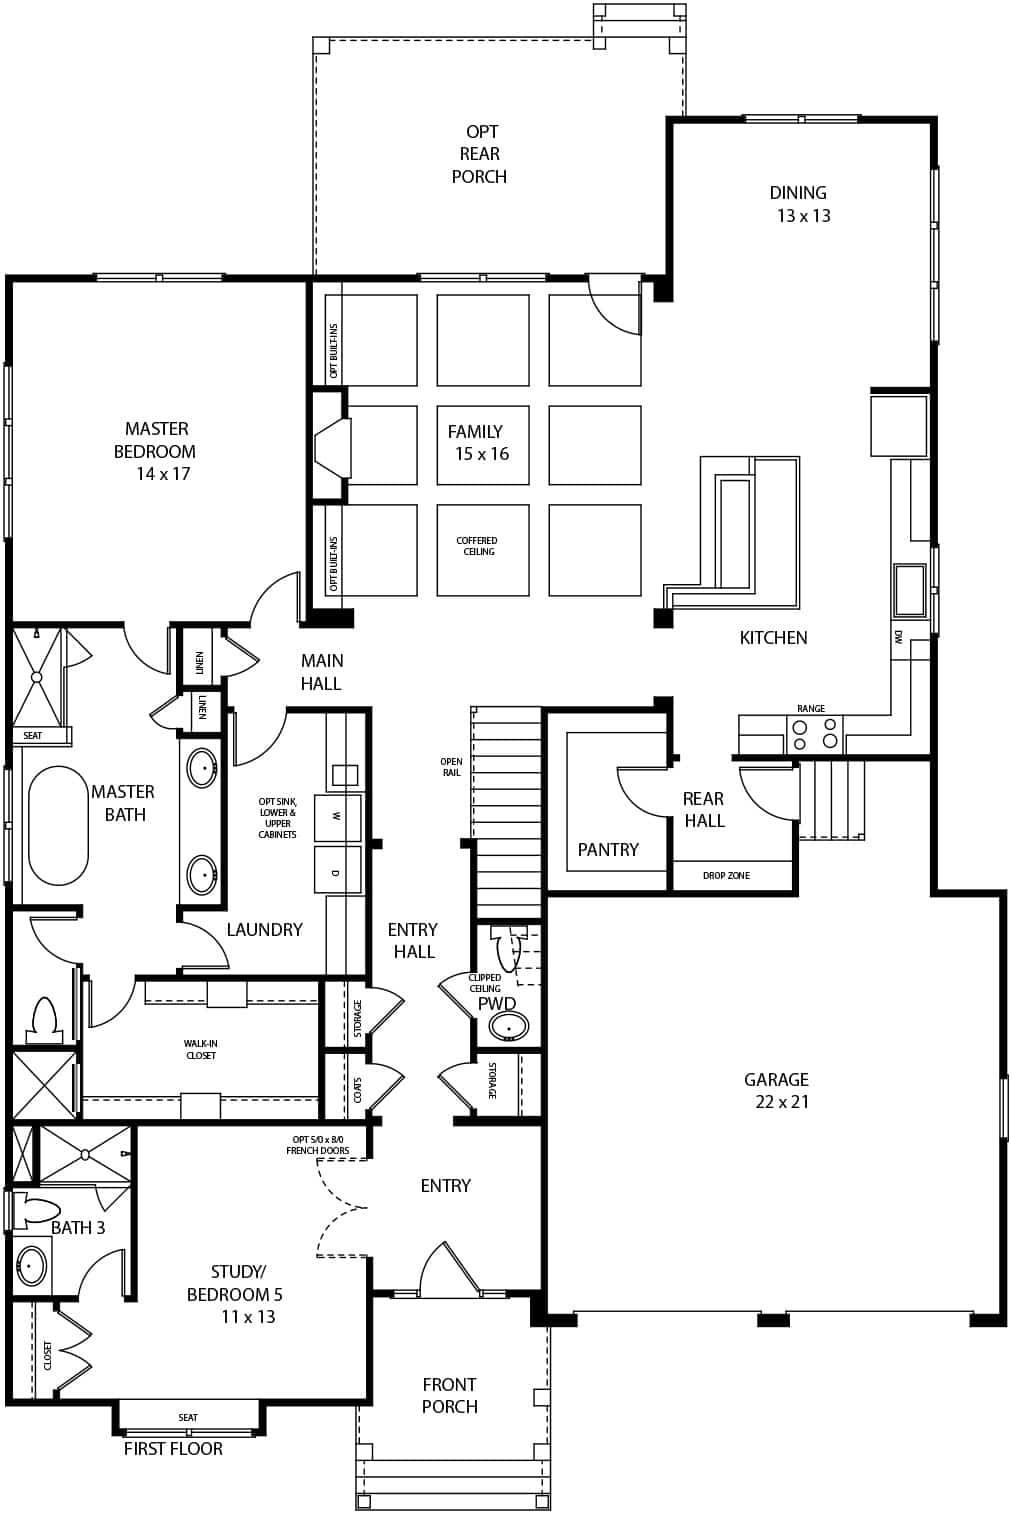 3449A-first-floor.jpg